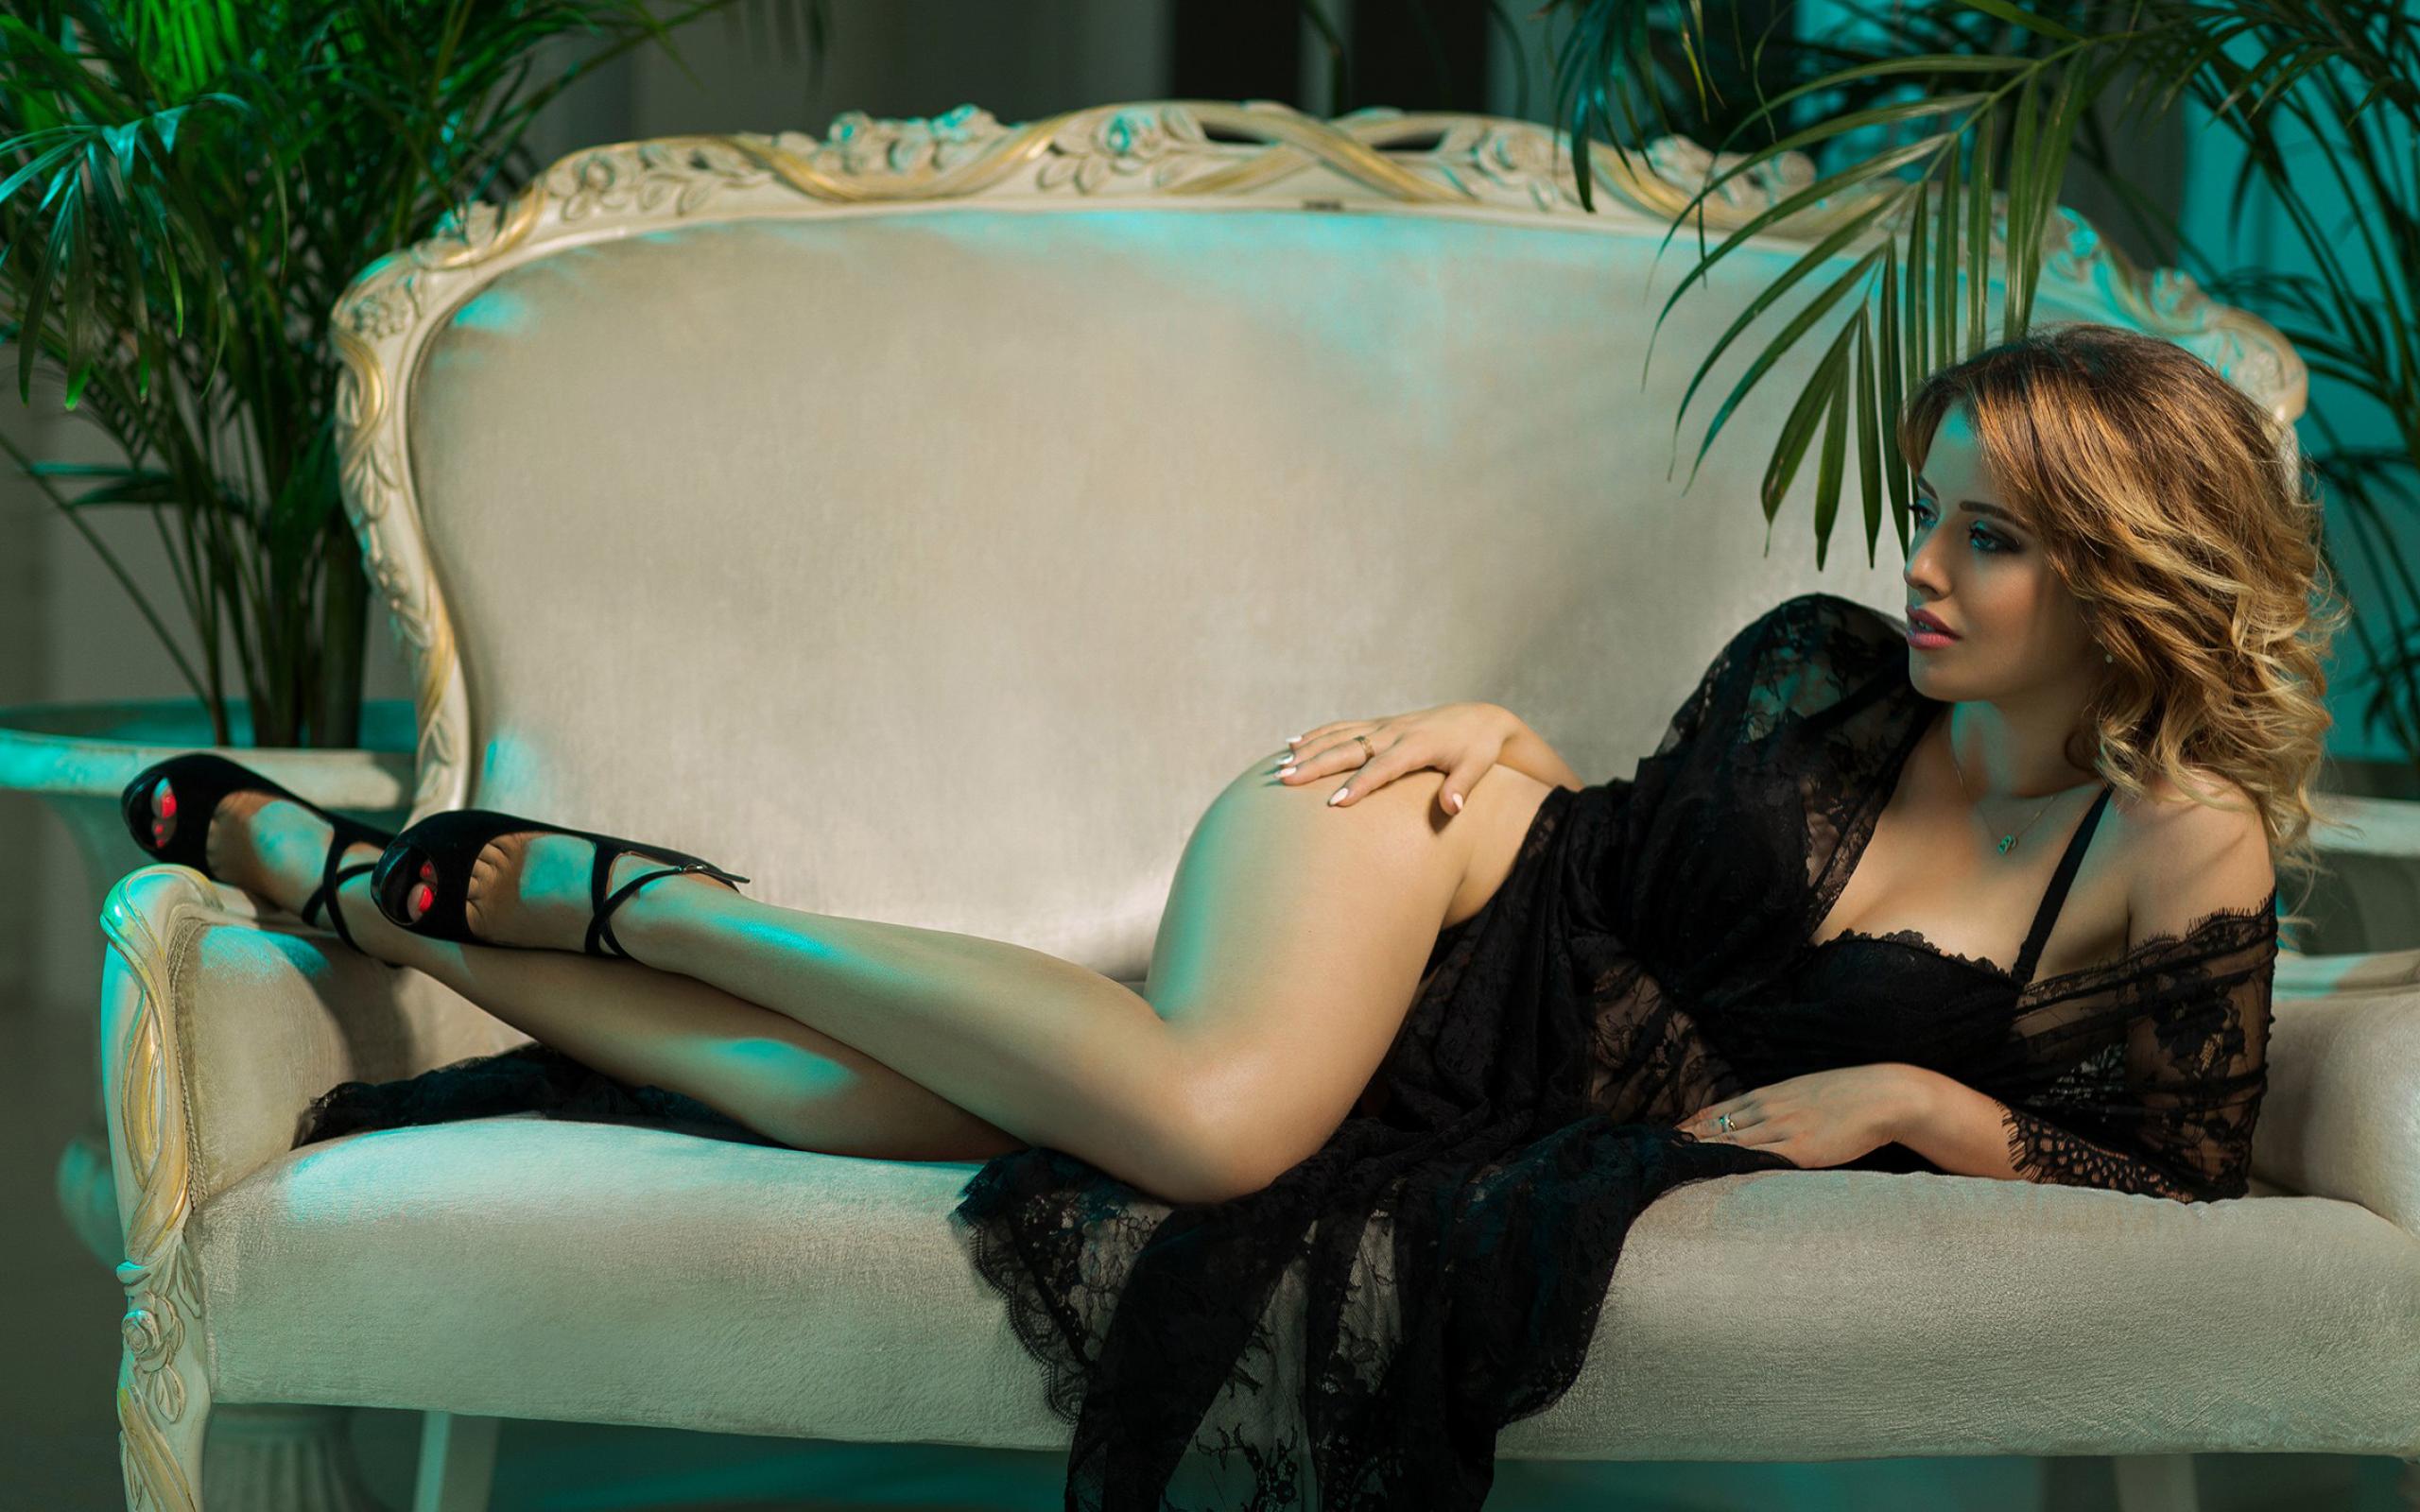 zastavki-eroticheskie-foto